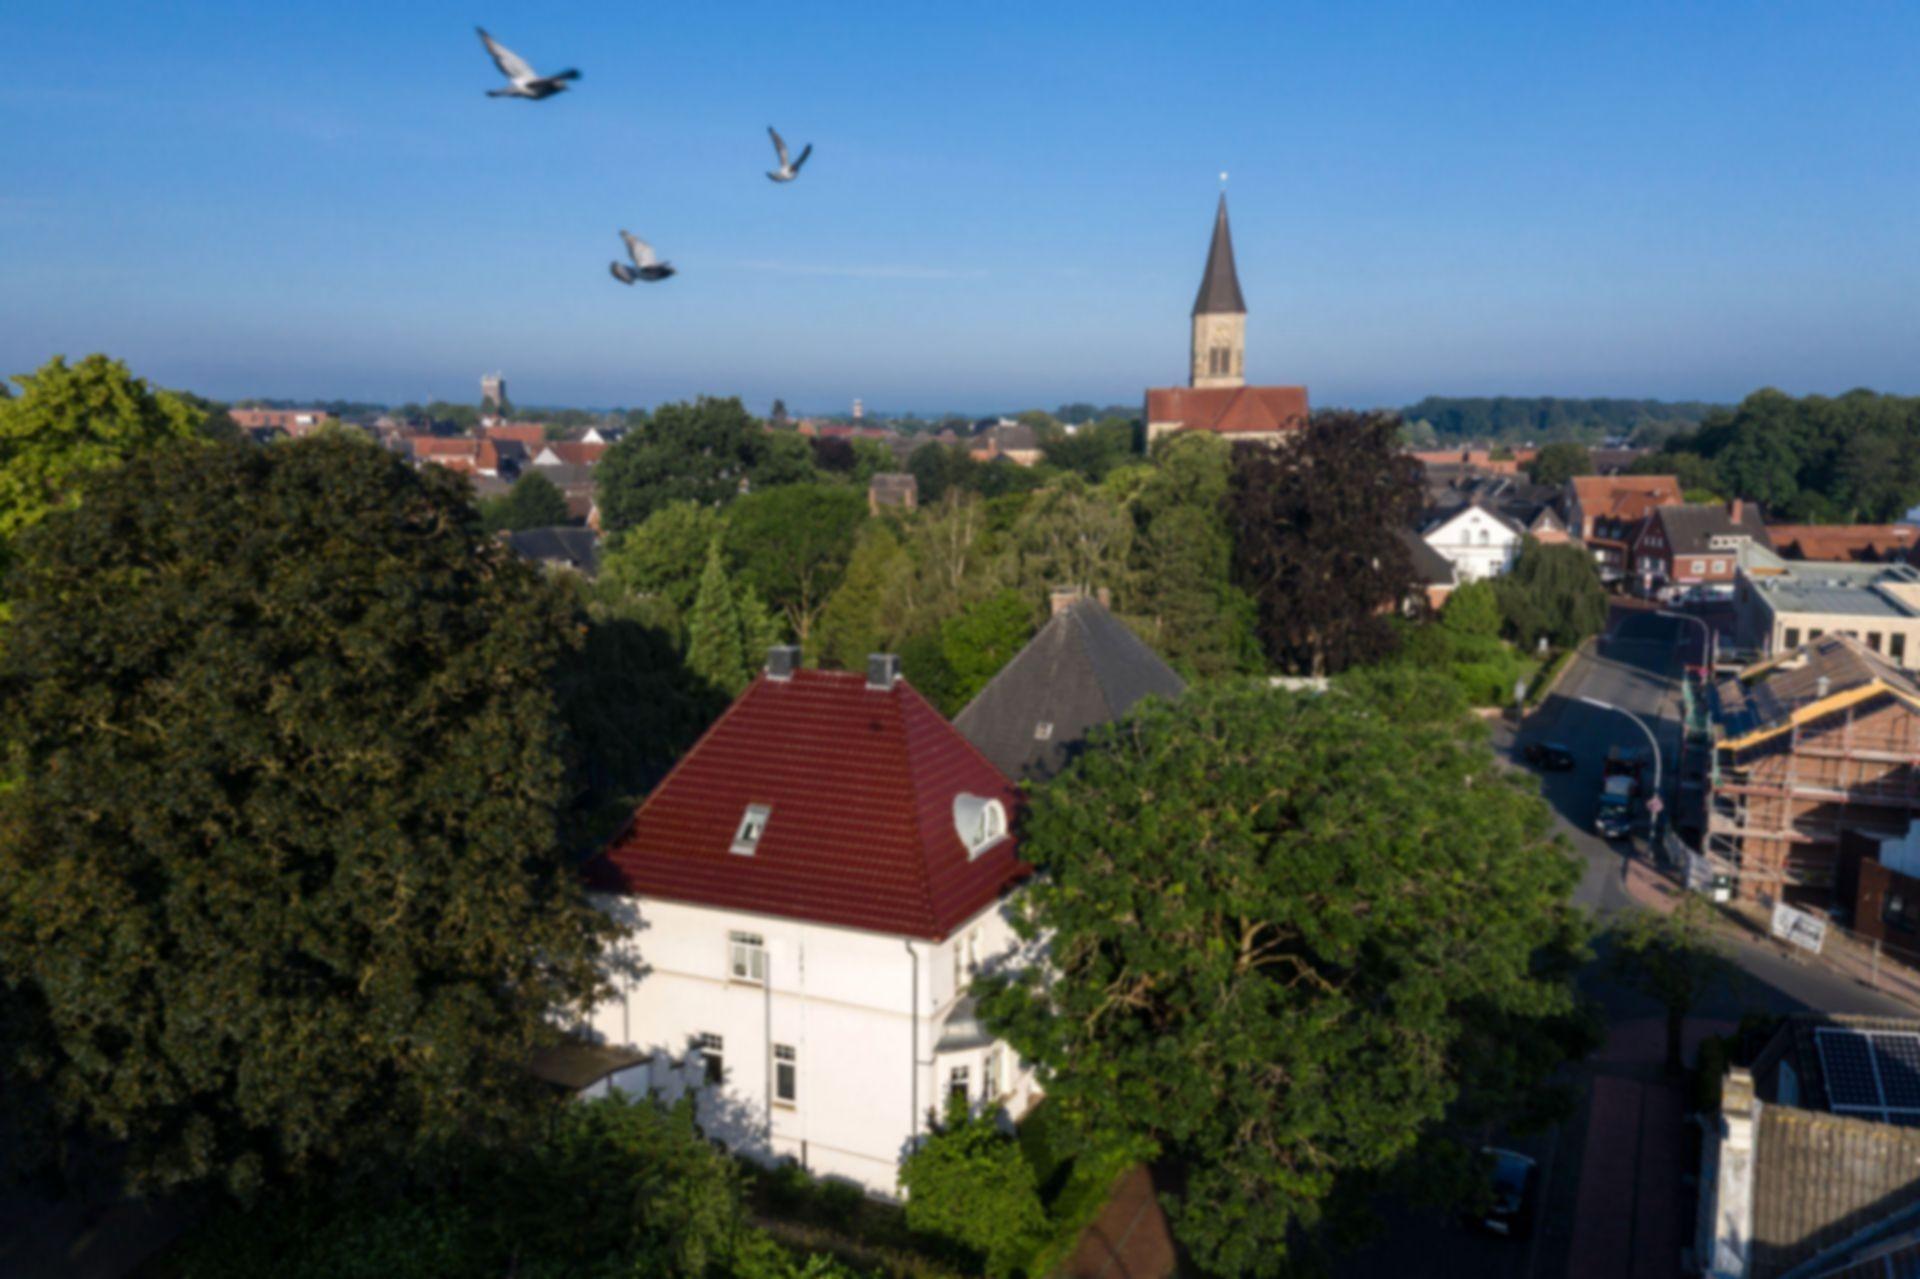 Übersicht Coworking Spaces im Münsterland